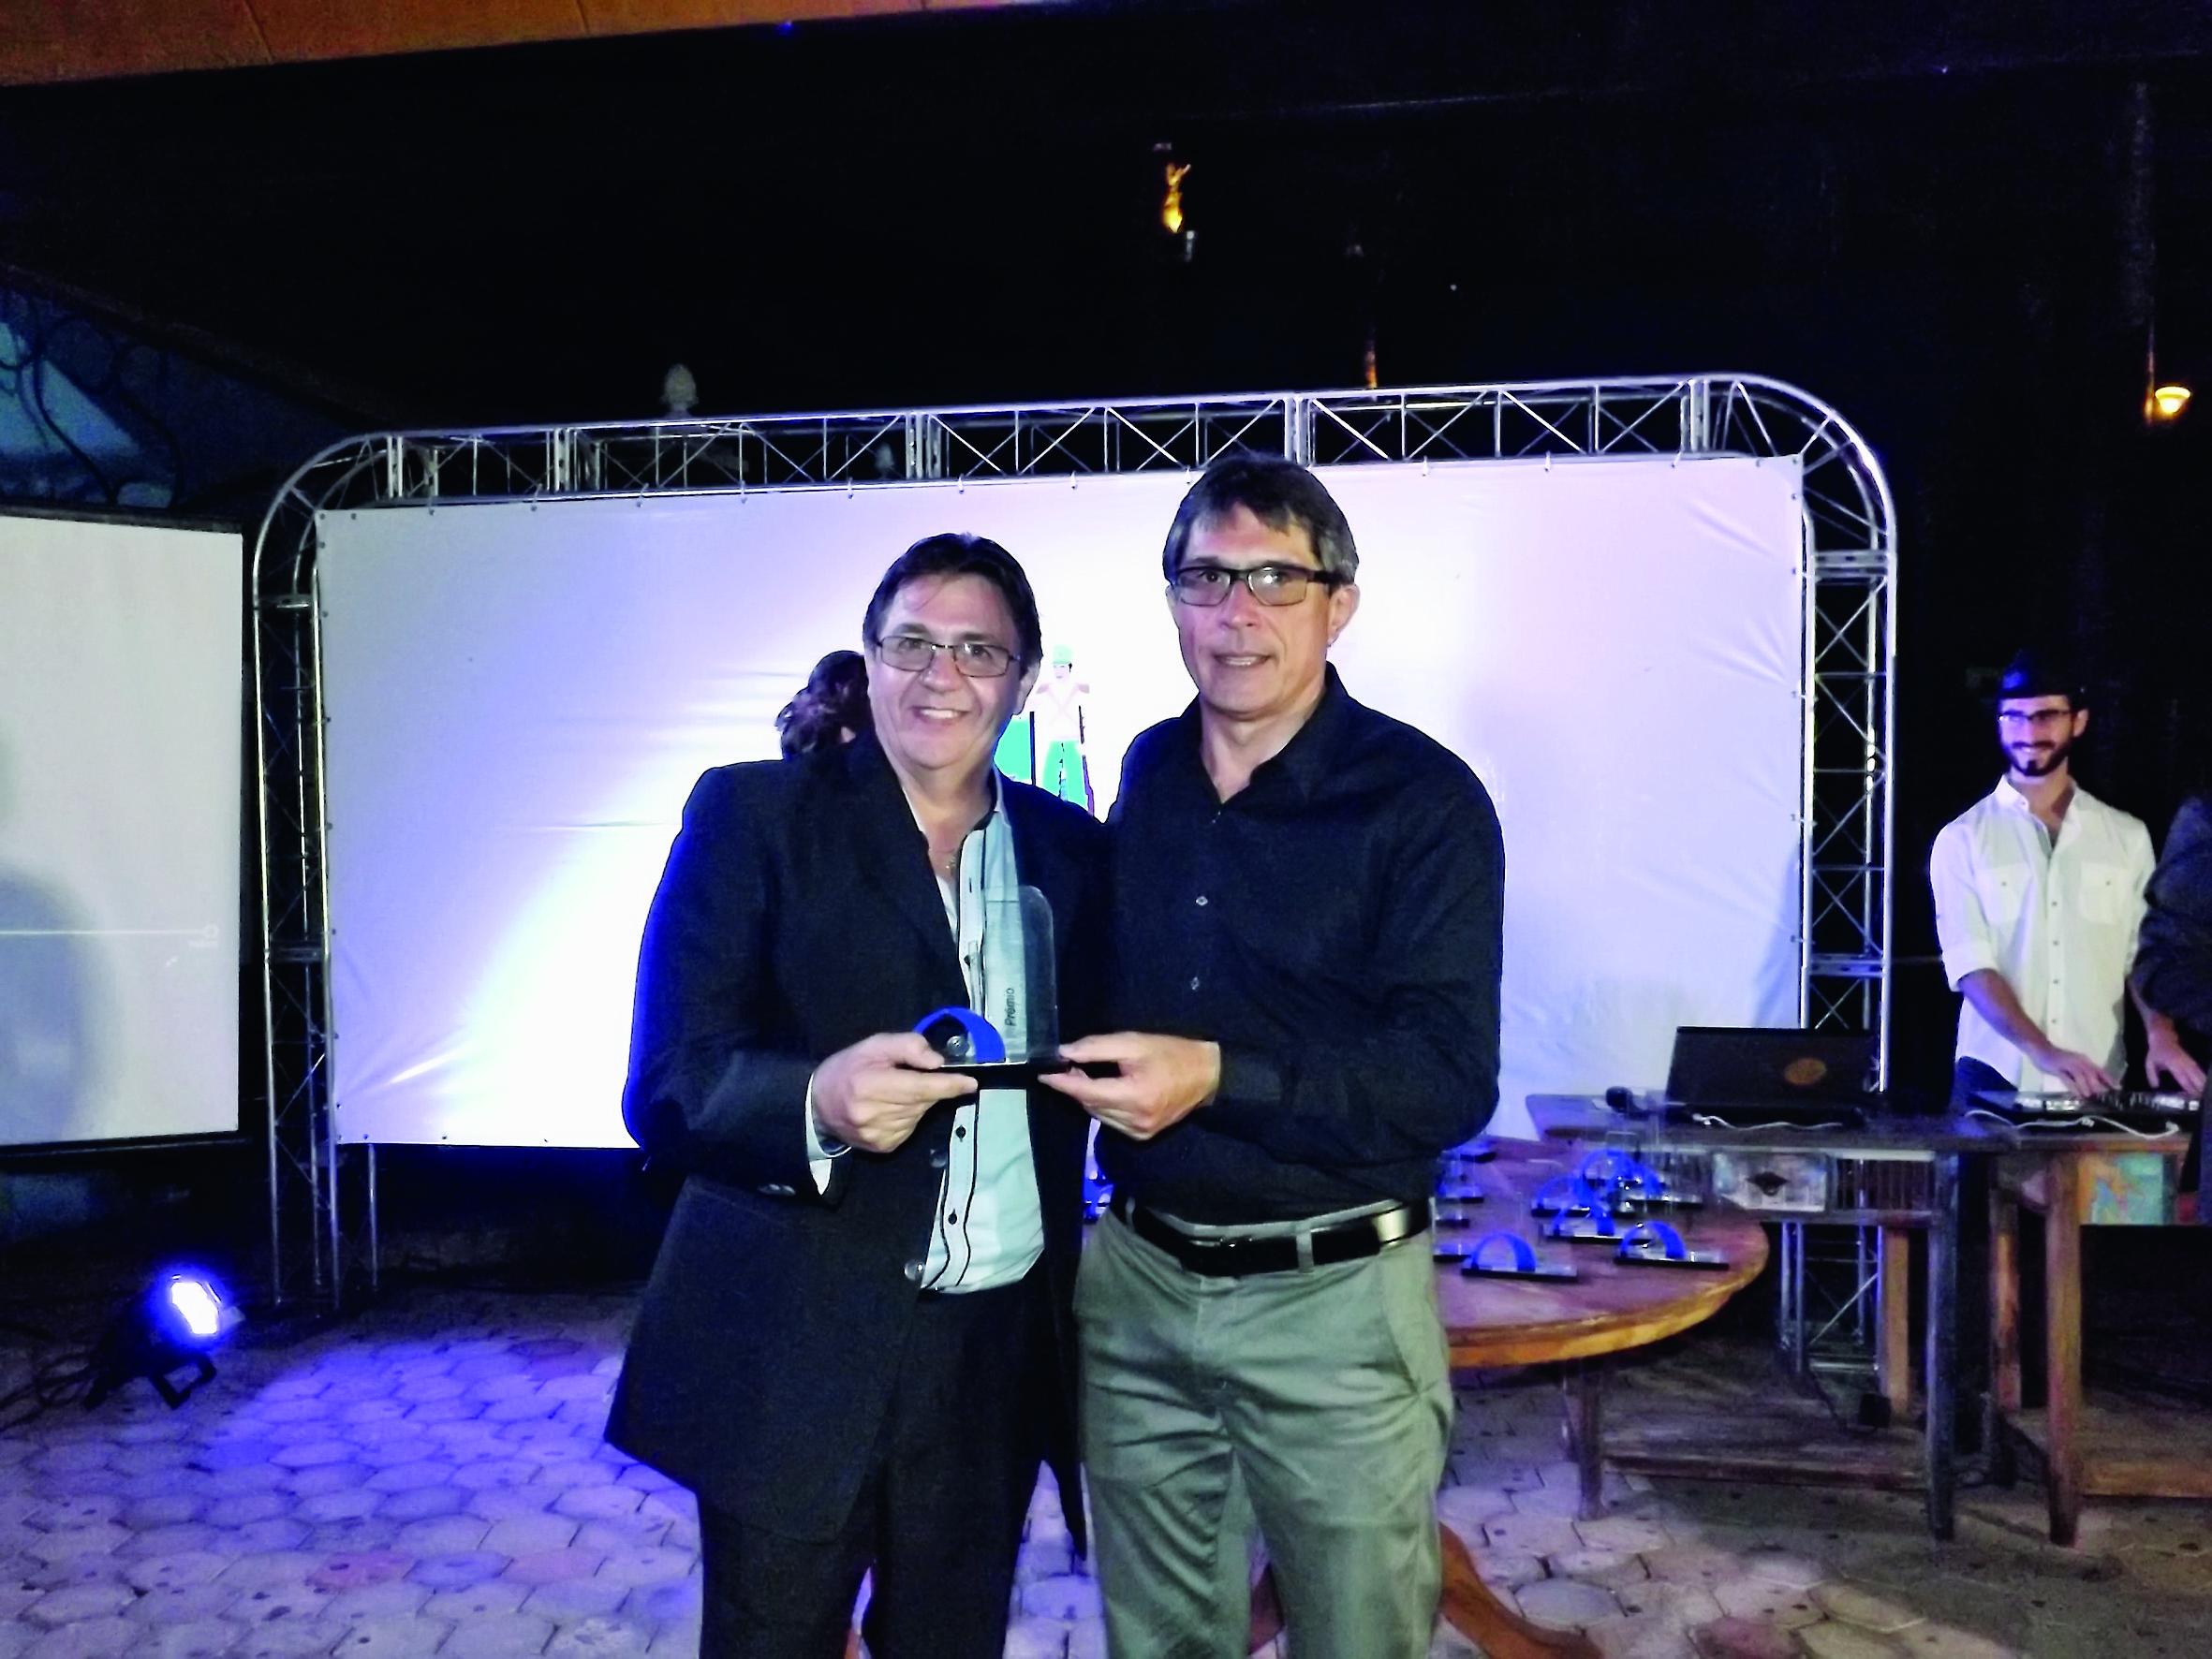 O proprietário da Regelub Artur Pilan recebe prêmio de Marcondes (Foto: Lucas Barbosa)